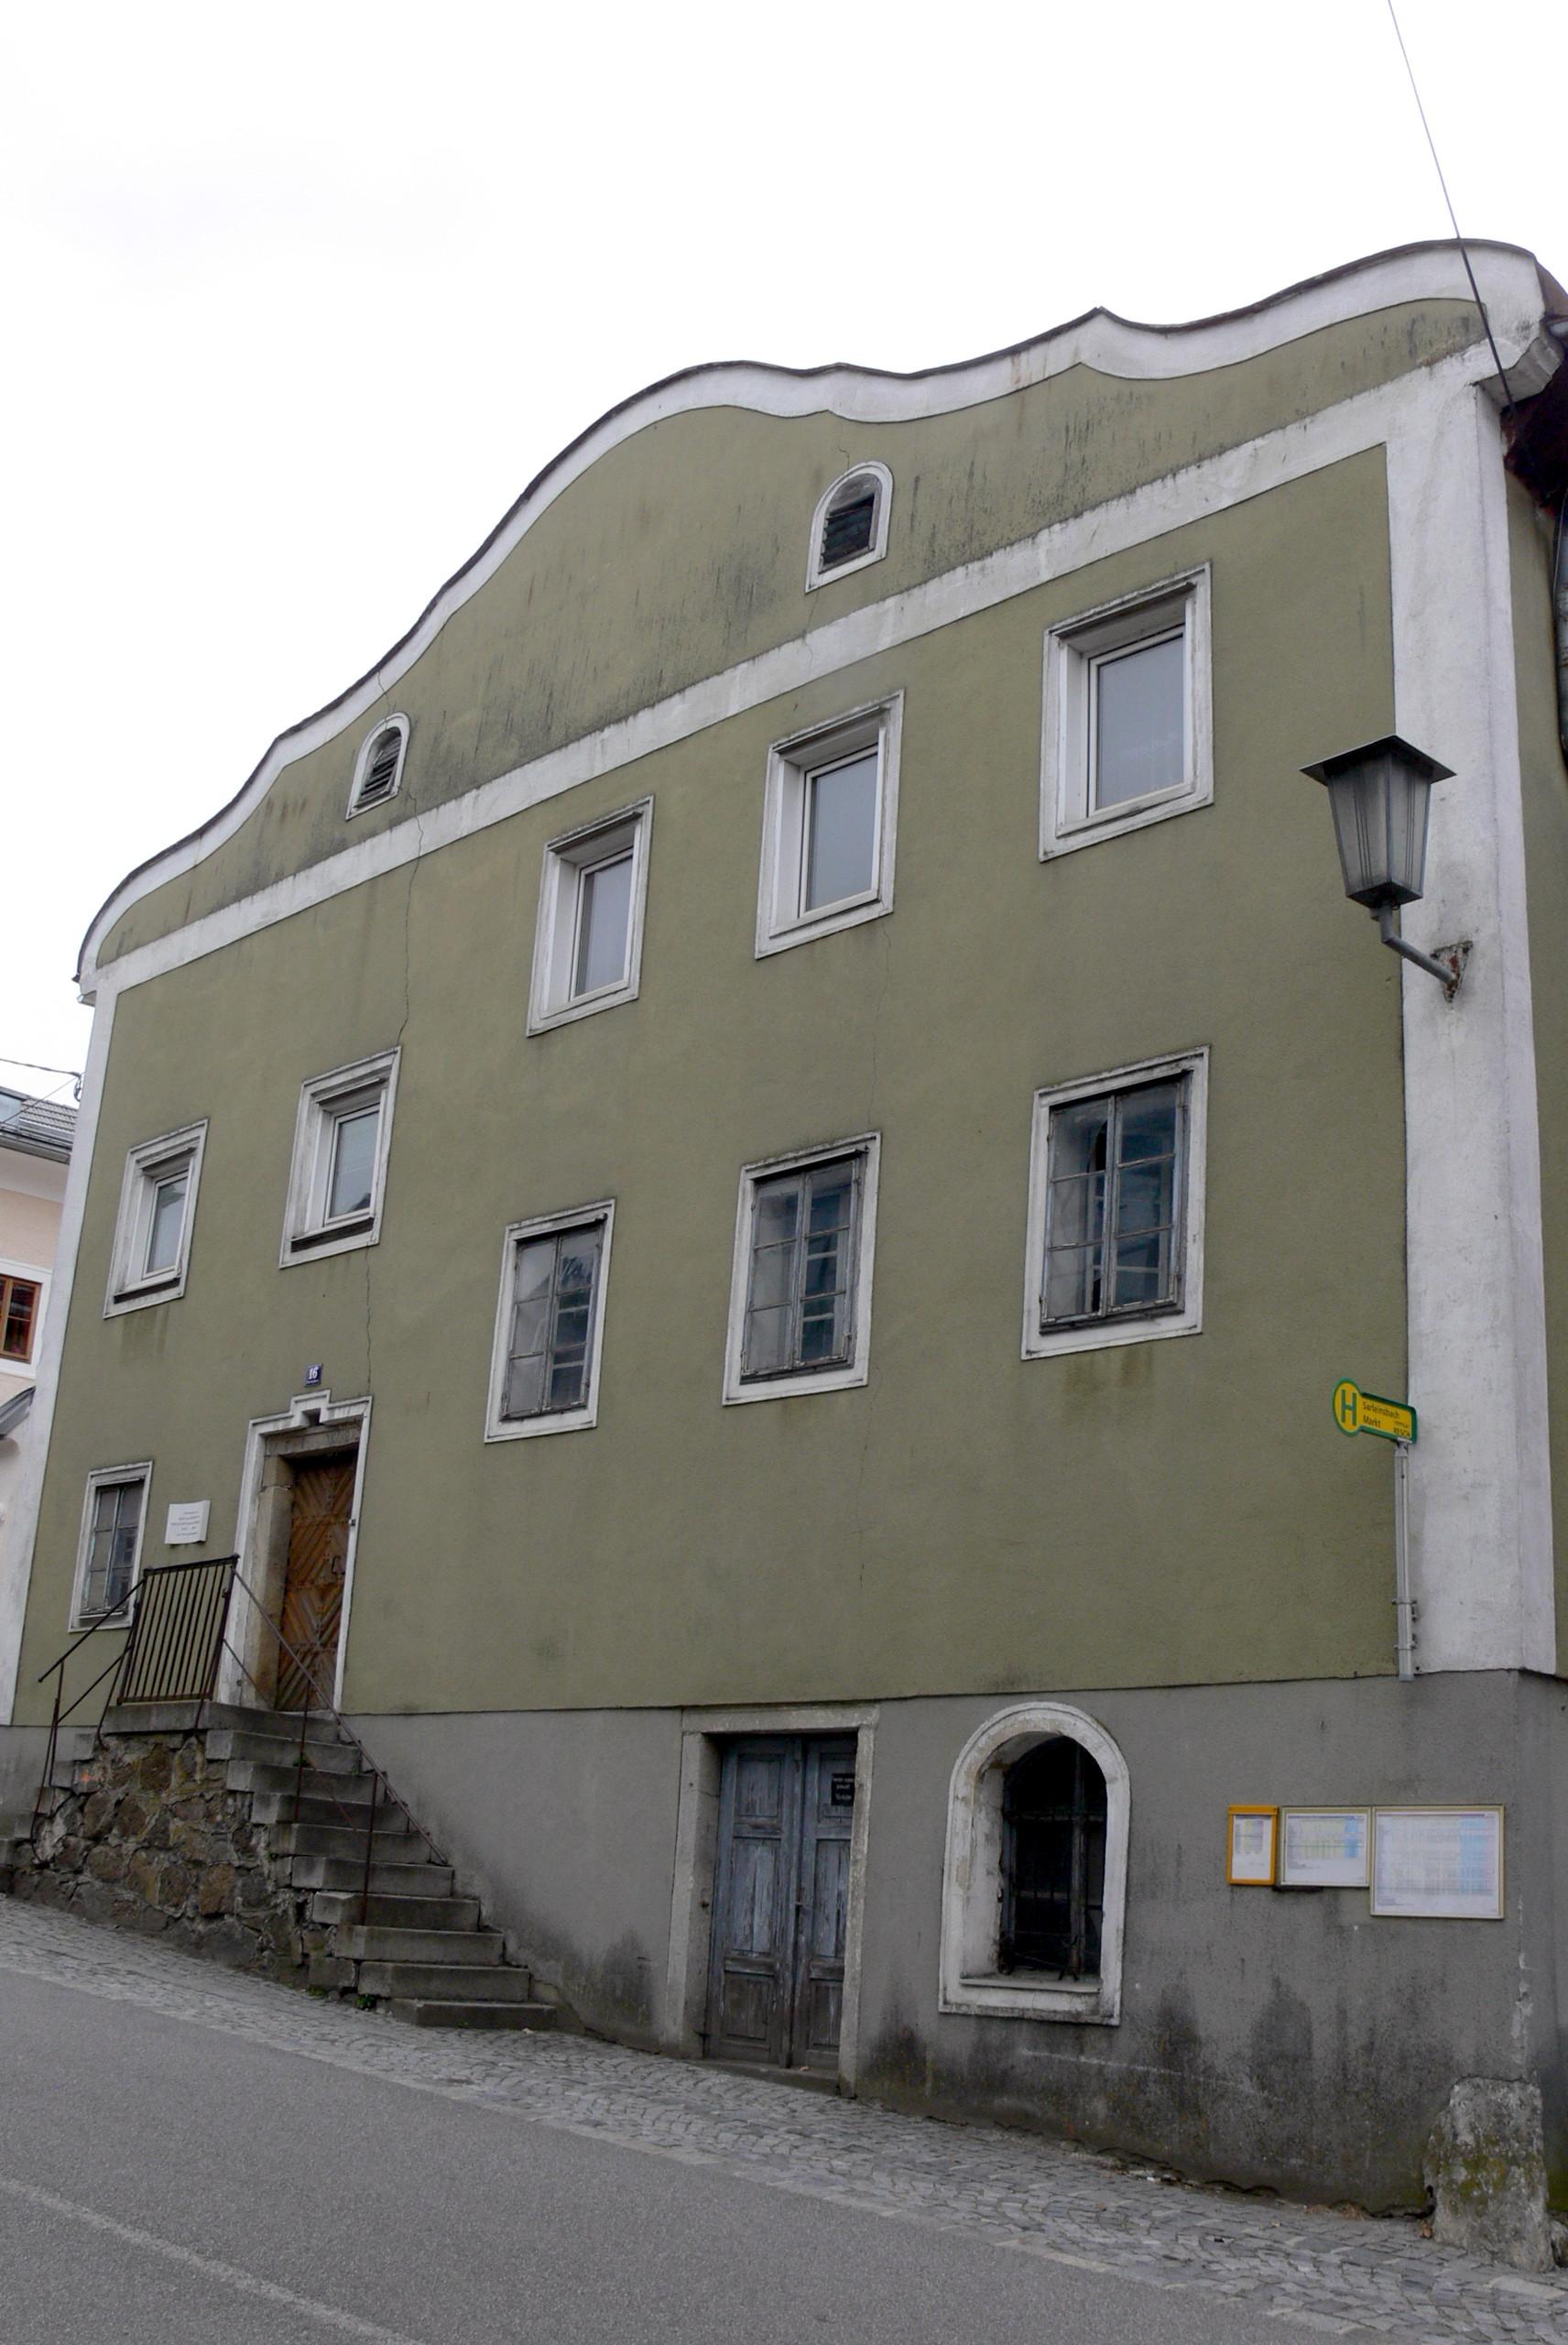 Wohnhaus mit Wirtschaftstrakt